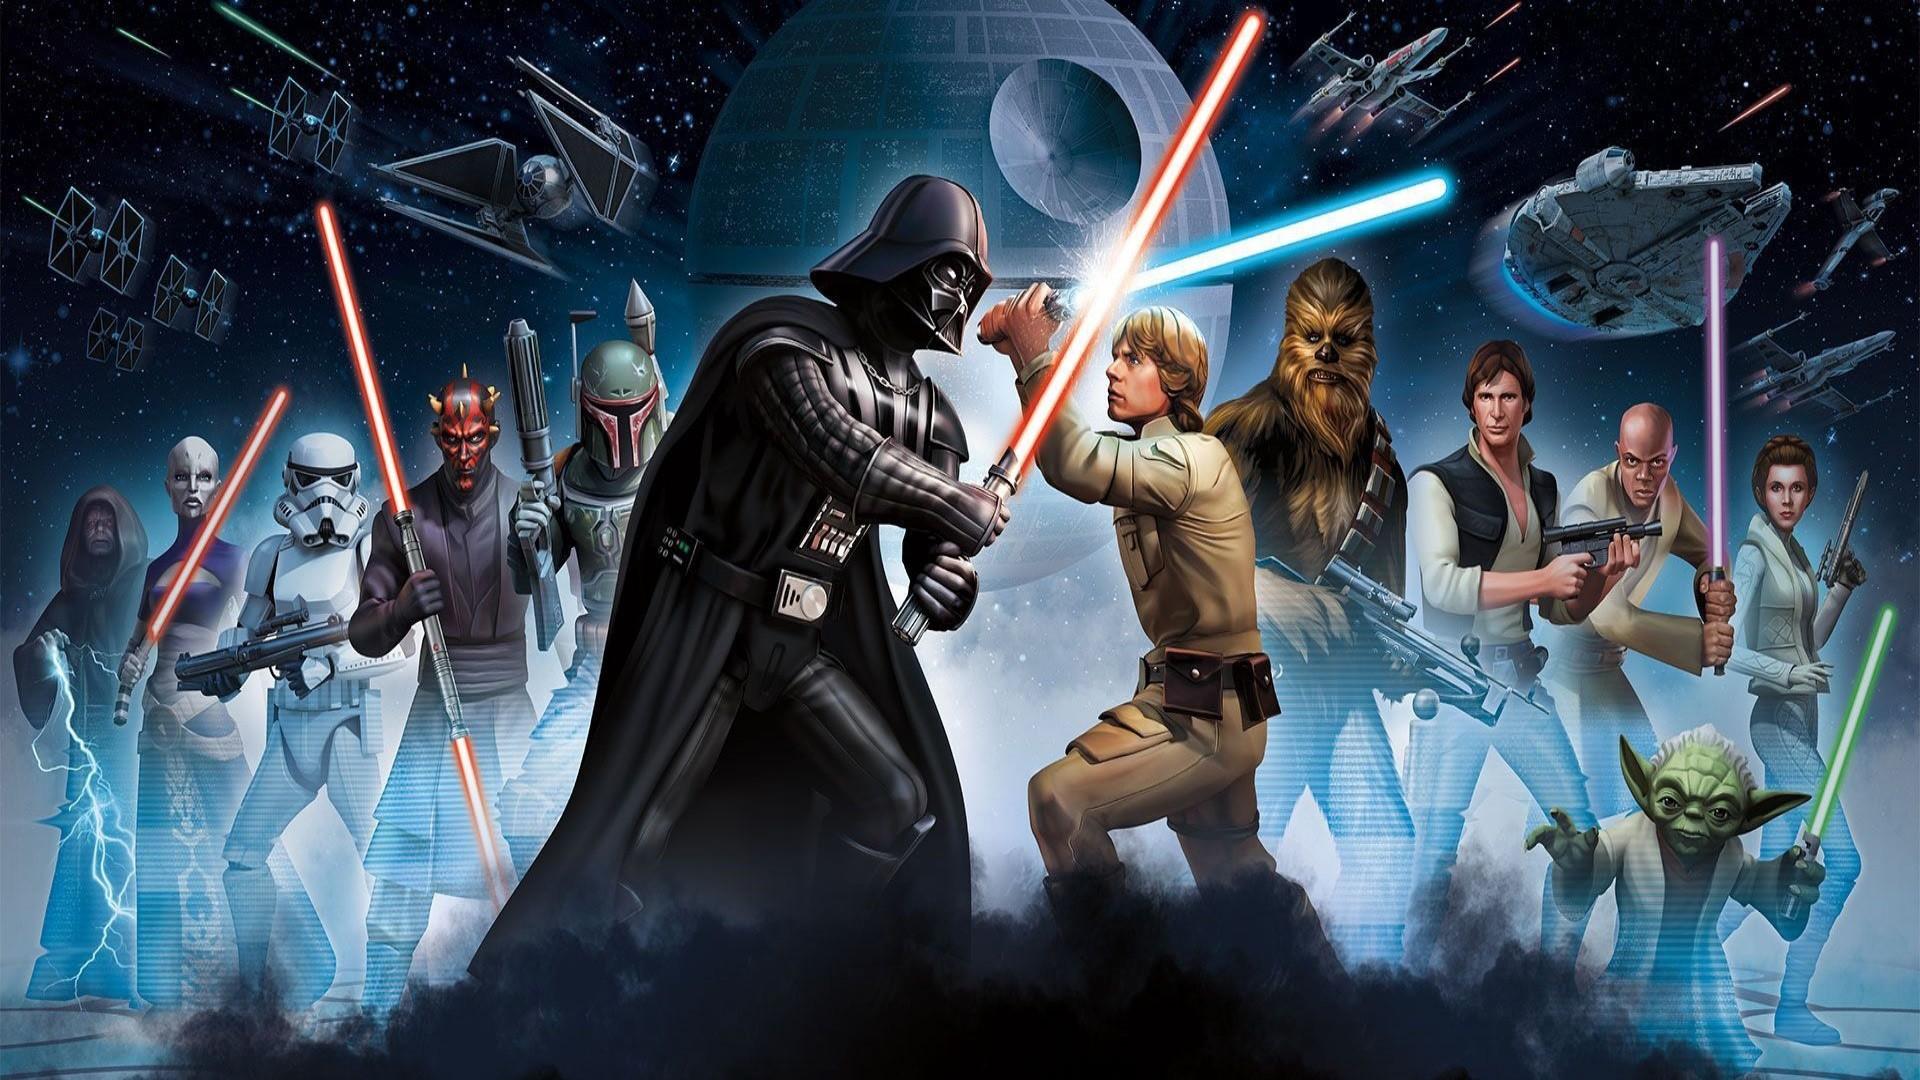 Movie – Star Wars Darth Vader Boba Fett Darth Maul Chewbacca Han Solo  Princess Leia Yoda